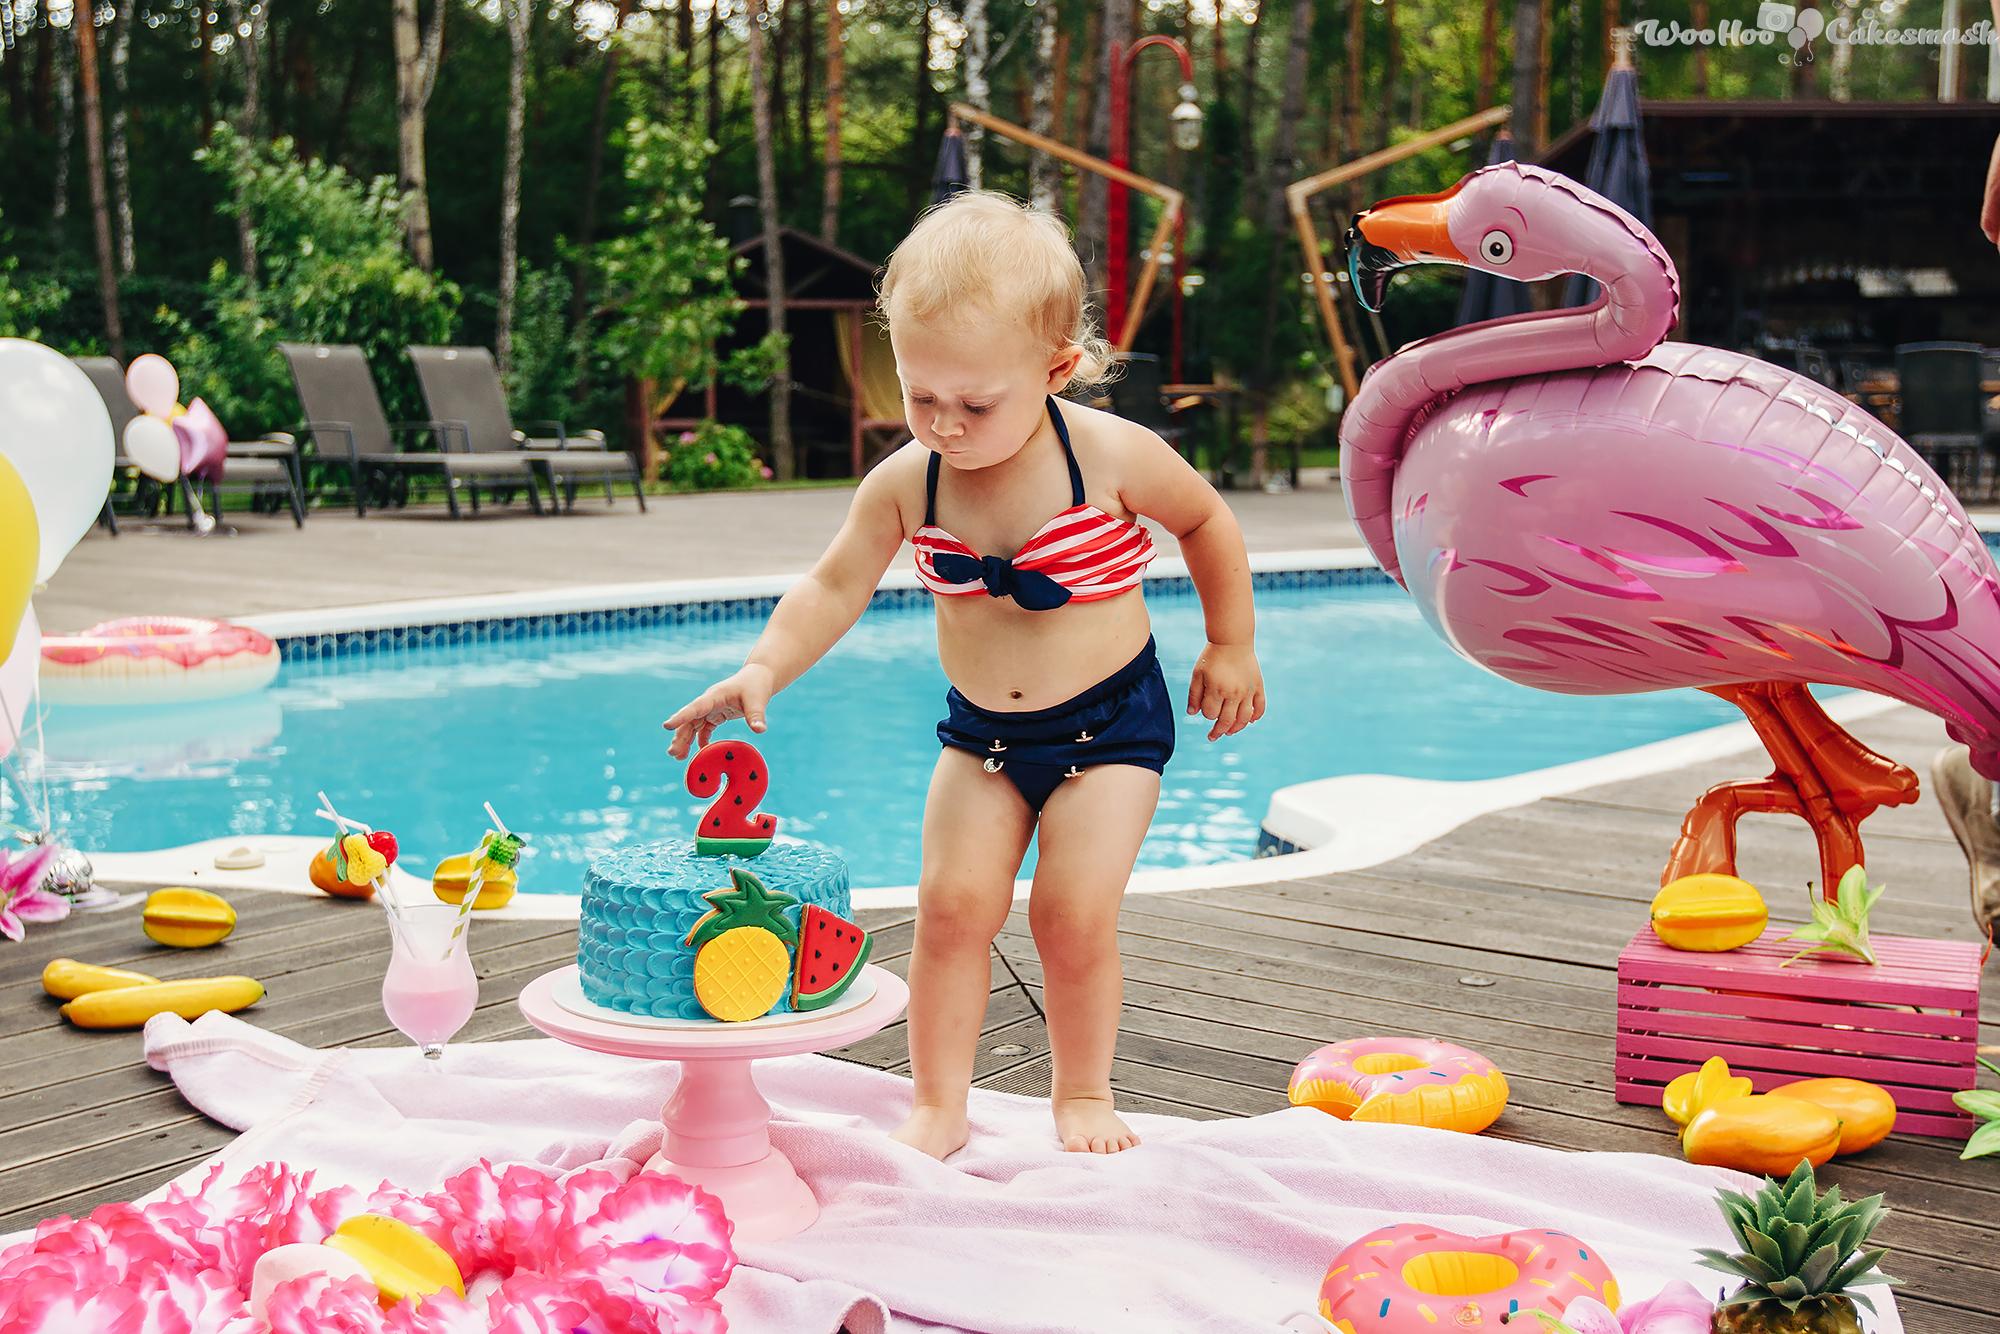 woohoo_cakesmash_Marusya_pool_party_4